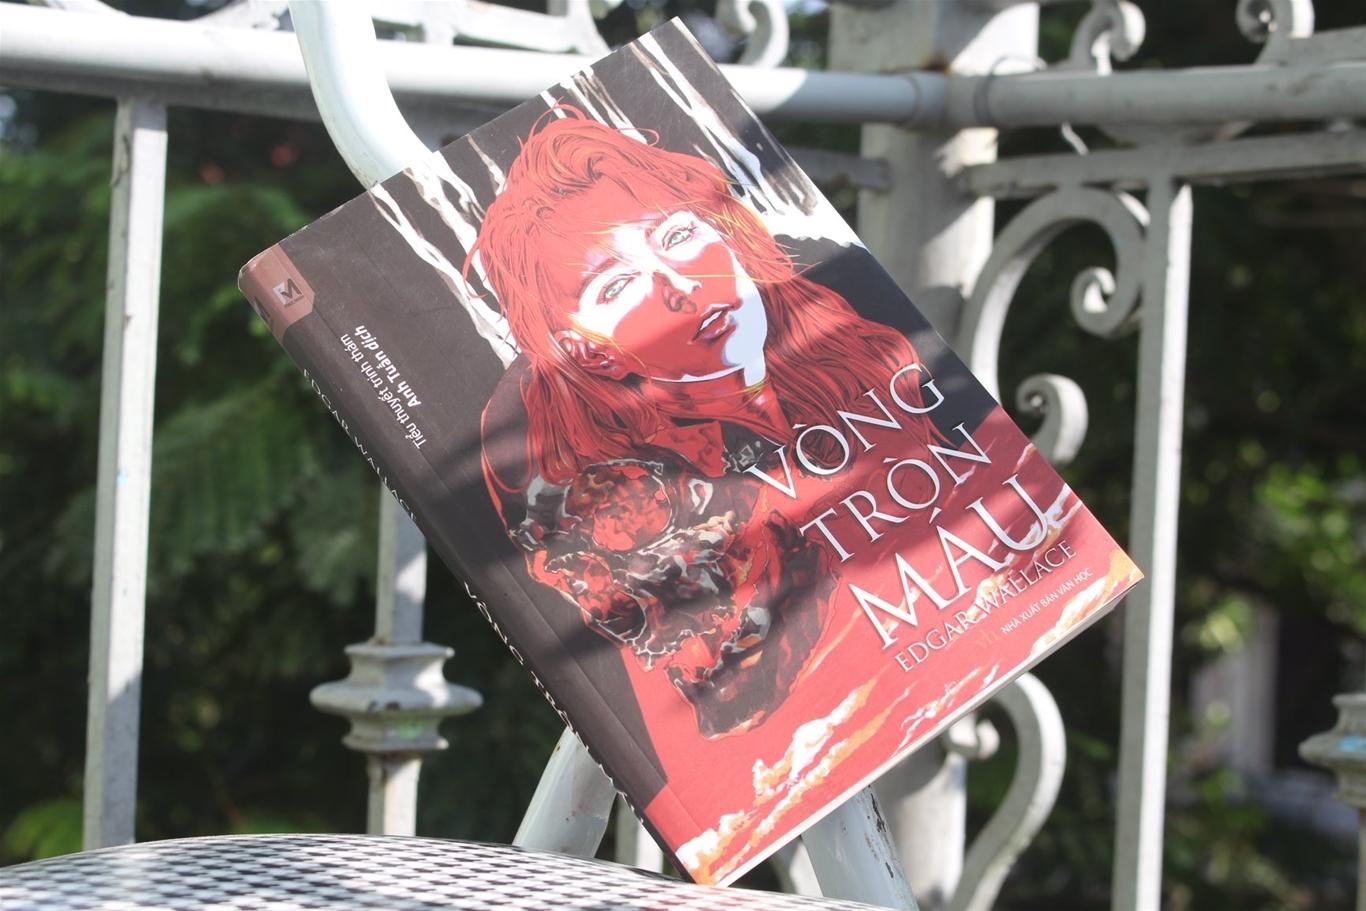 Những cuốn sách đáng nghiền ngẫm cho fan trinh thám mùa Tết